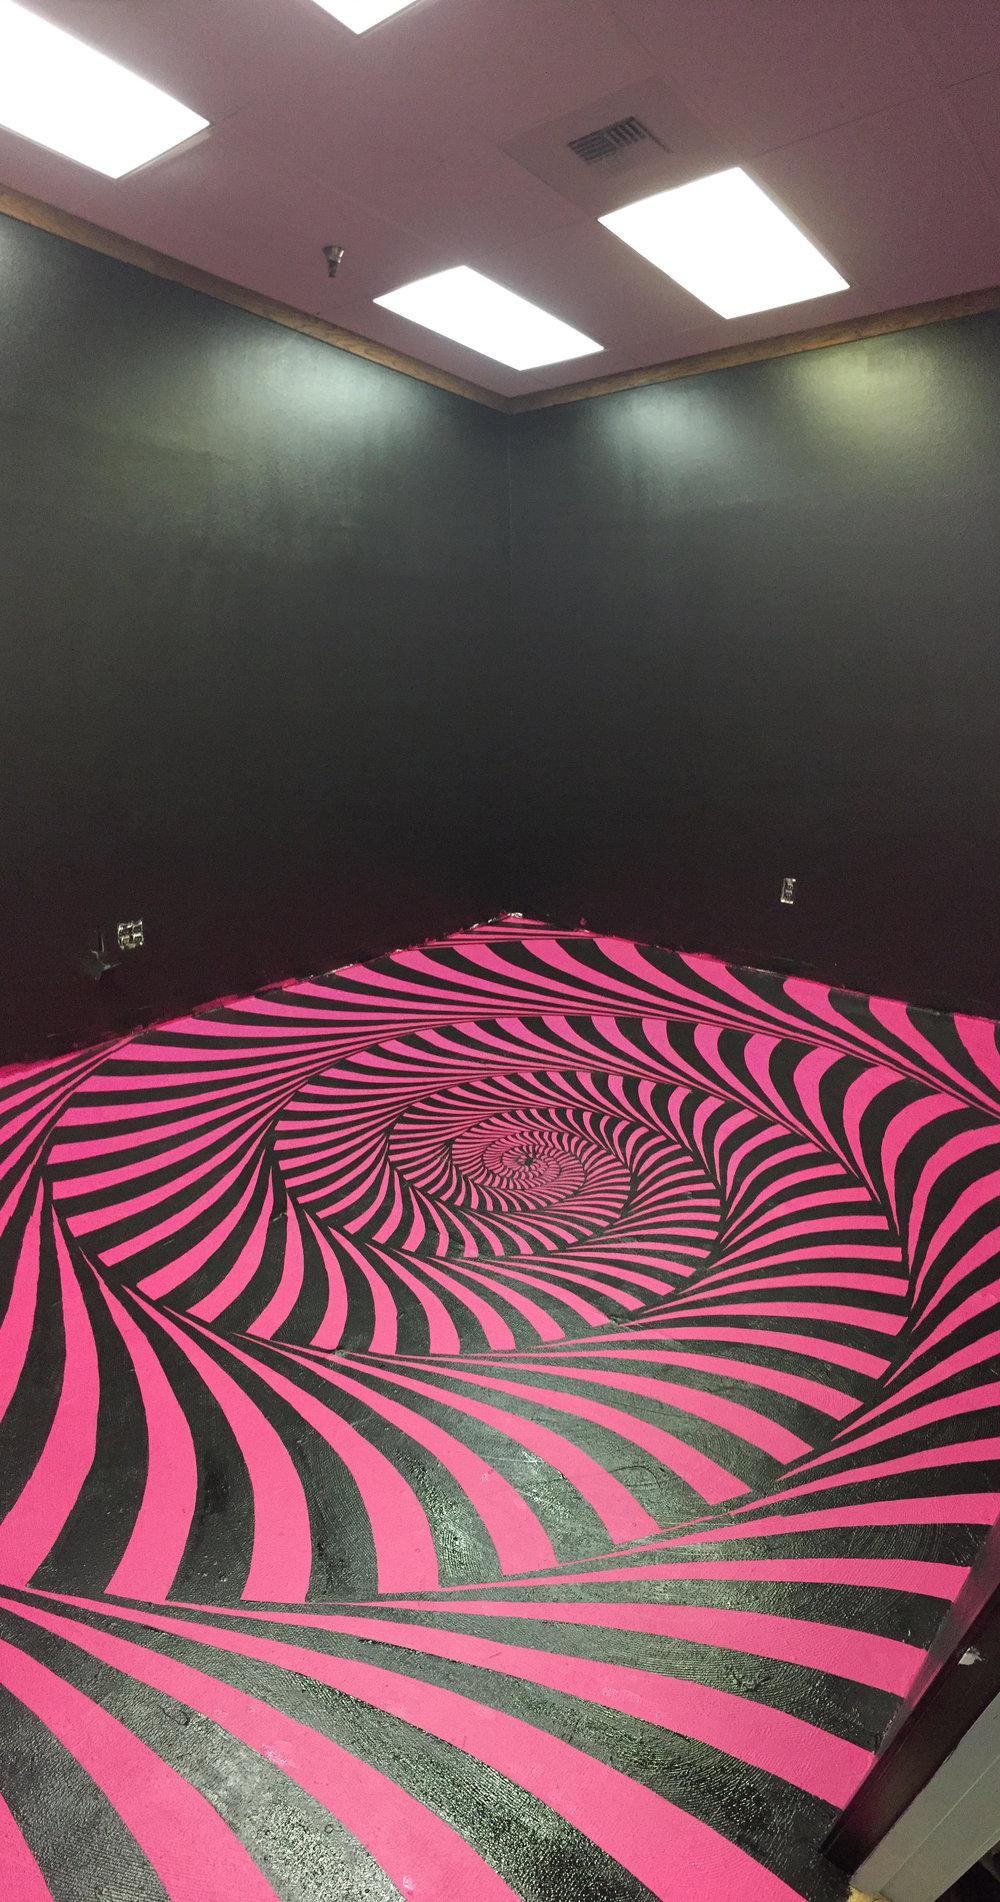 Lekkah Lounge Floor Mural